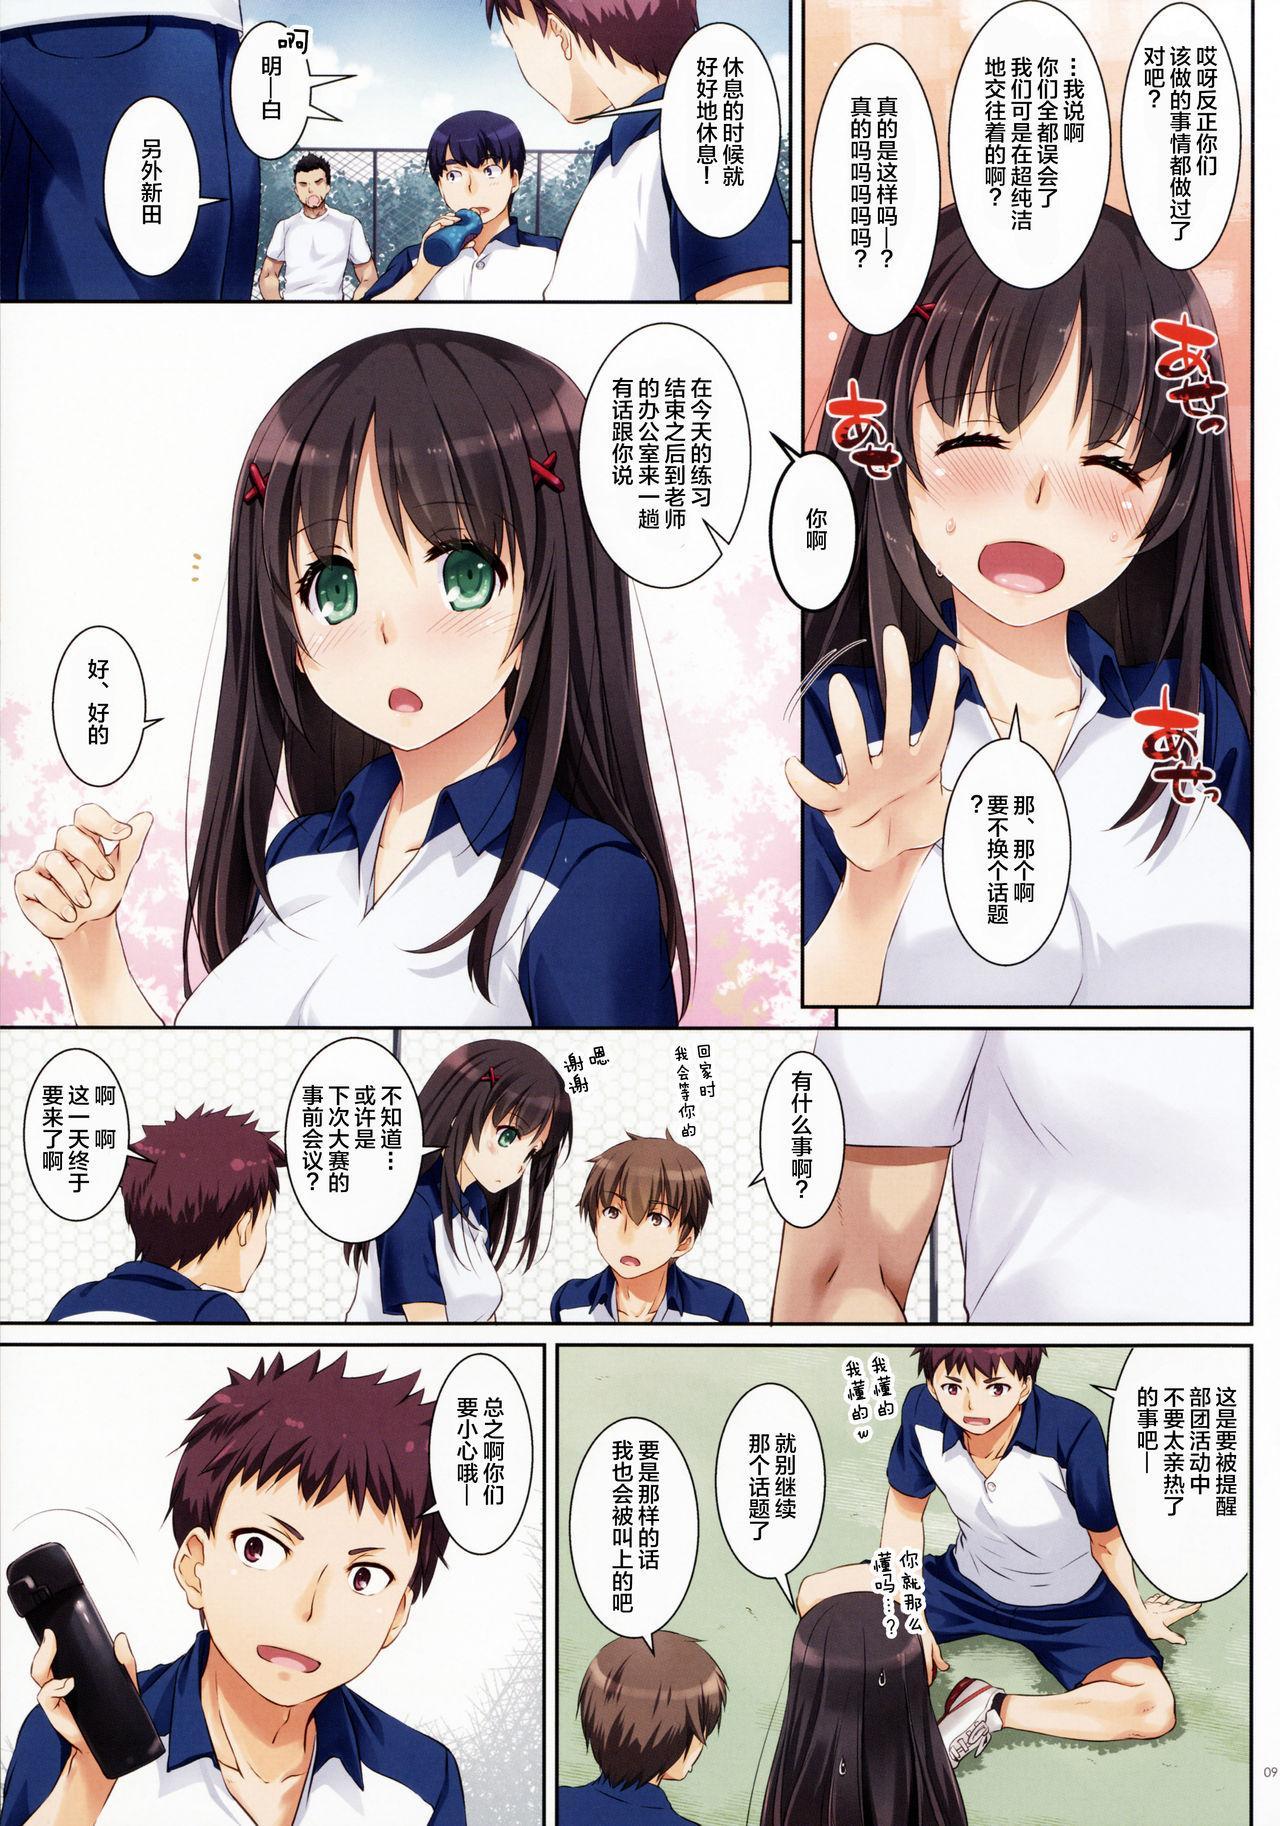 DLO-01 Kare to no Yakusoku 8